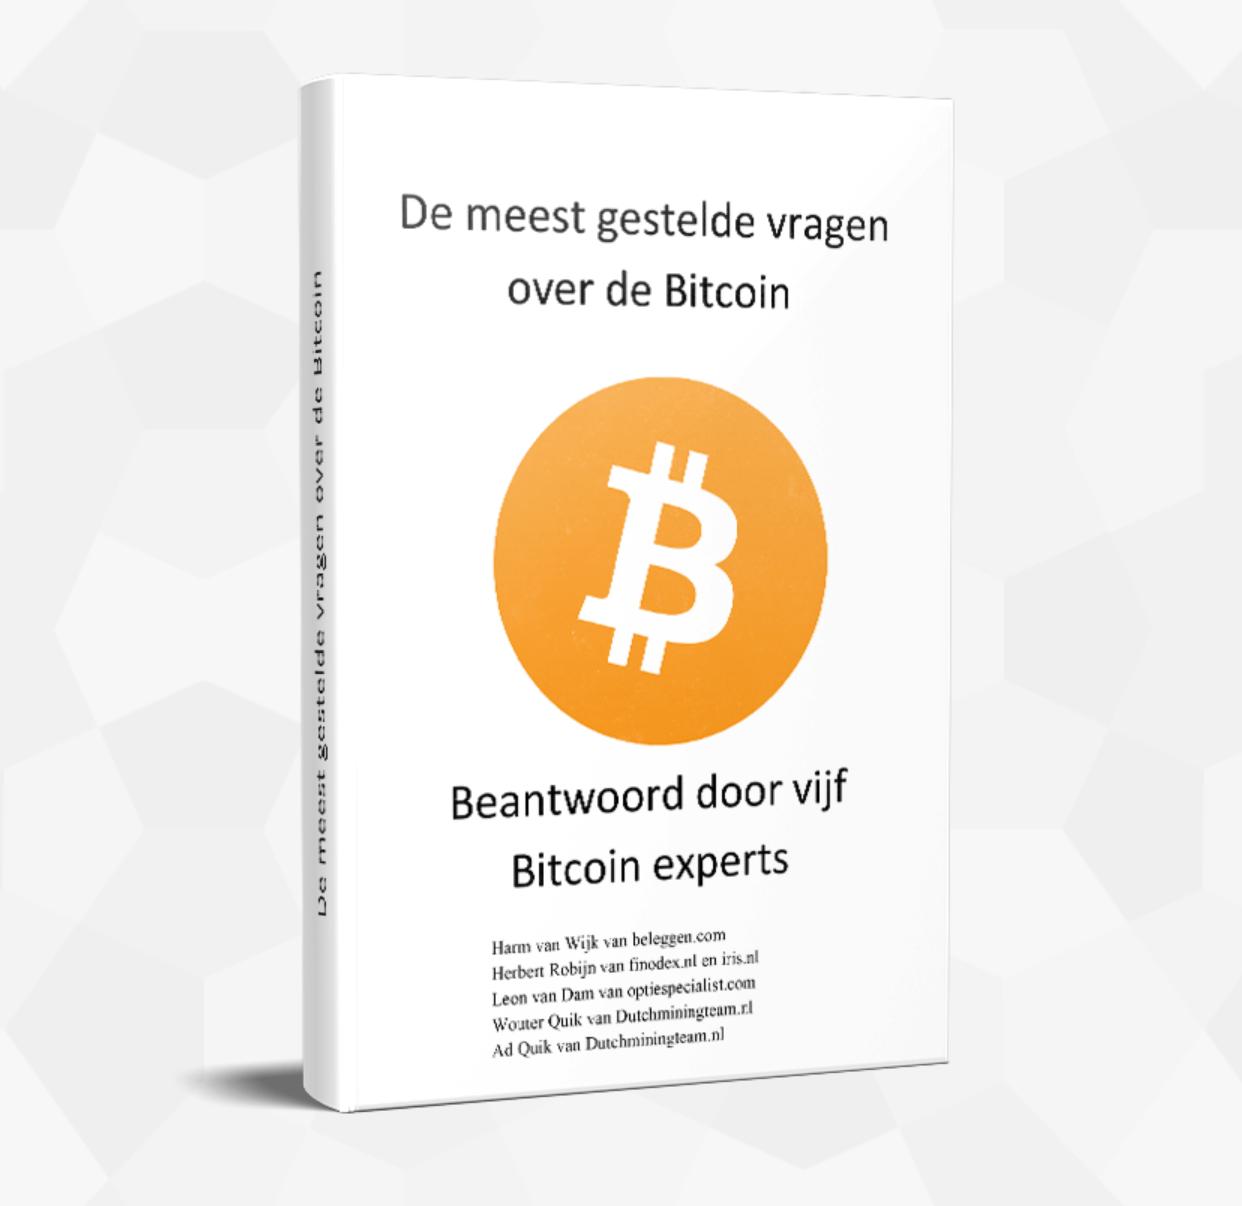 Bijdrage in verzend en afhandelingkosten Boek De meest gestelde vragen over de Bitcoin